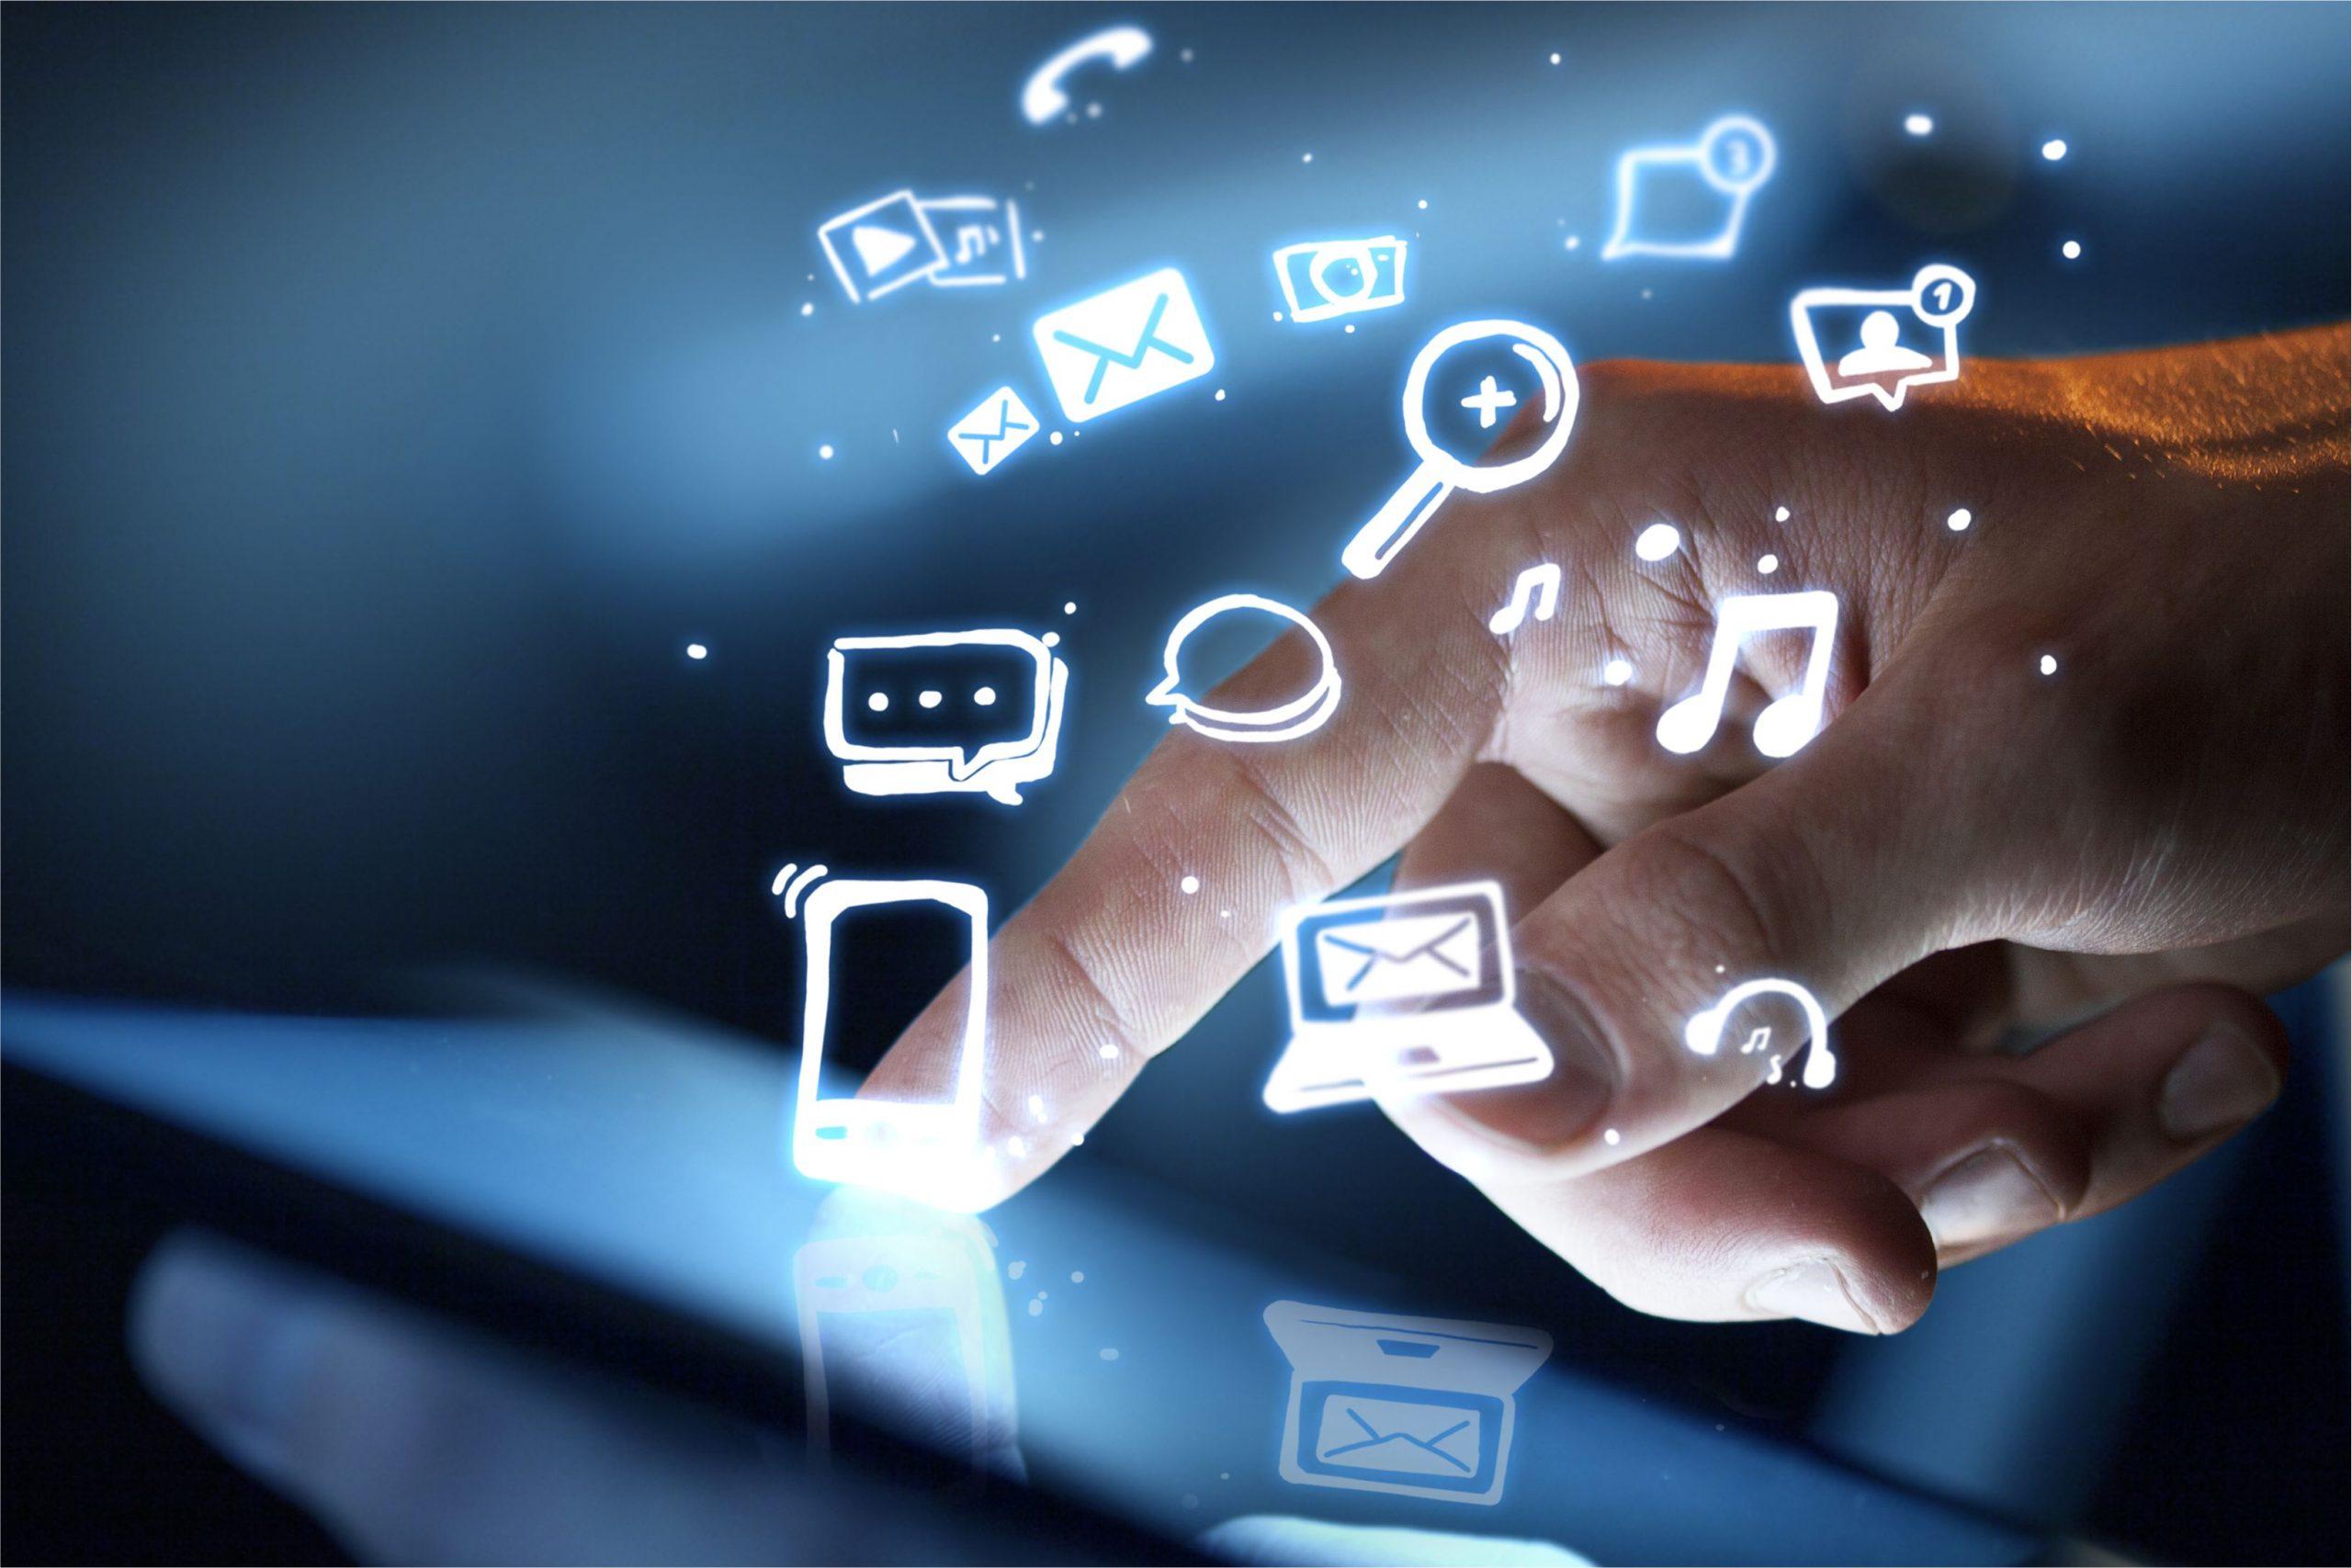 Κορονοϊός ψηφιακές υπηρεσίες: Στα ύψη η χρήση ψηφιακών υπηρεσιών στο σπίτι λόγω πανδημίας